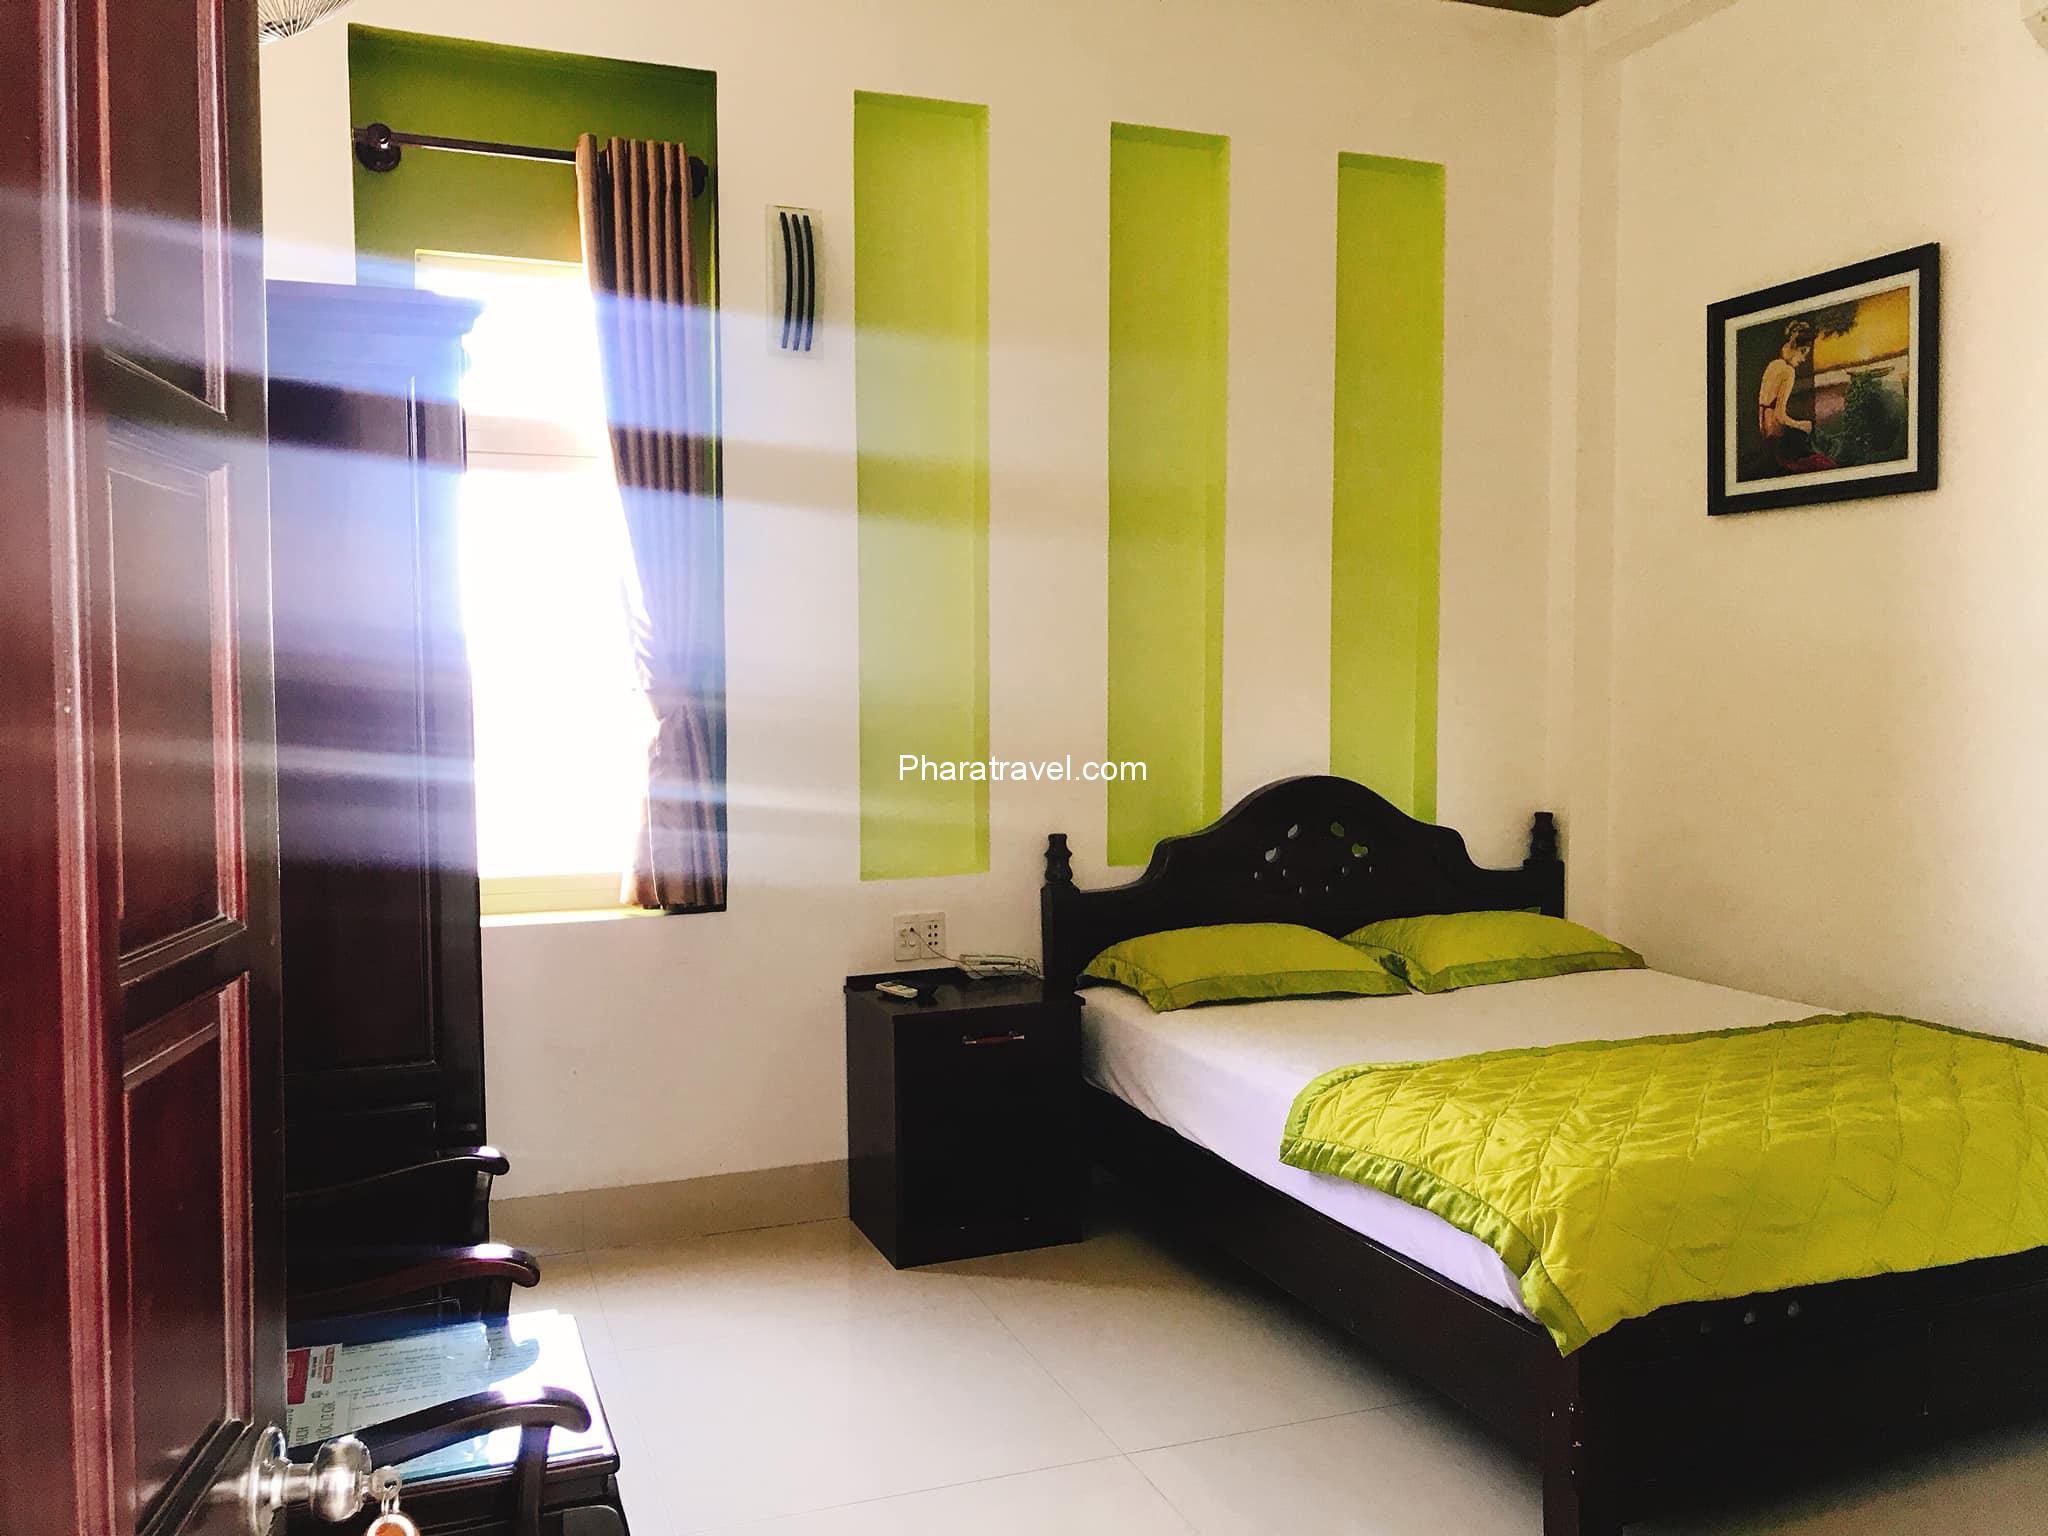 Xuân Quang Hotel: Khách sạn giá rẻ bình dân ngay trung tâm Phan Rang